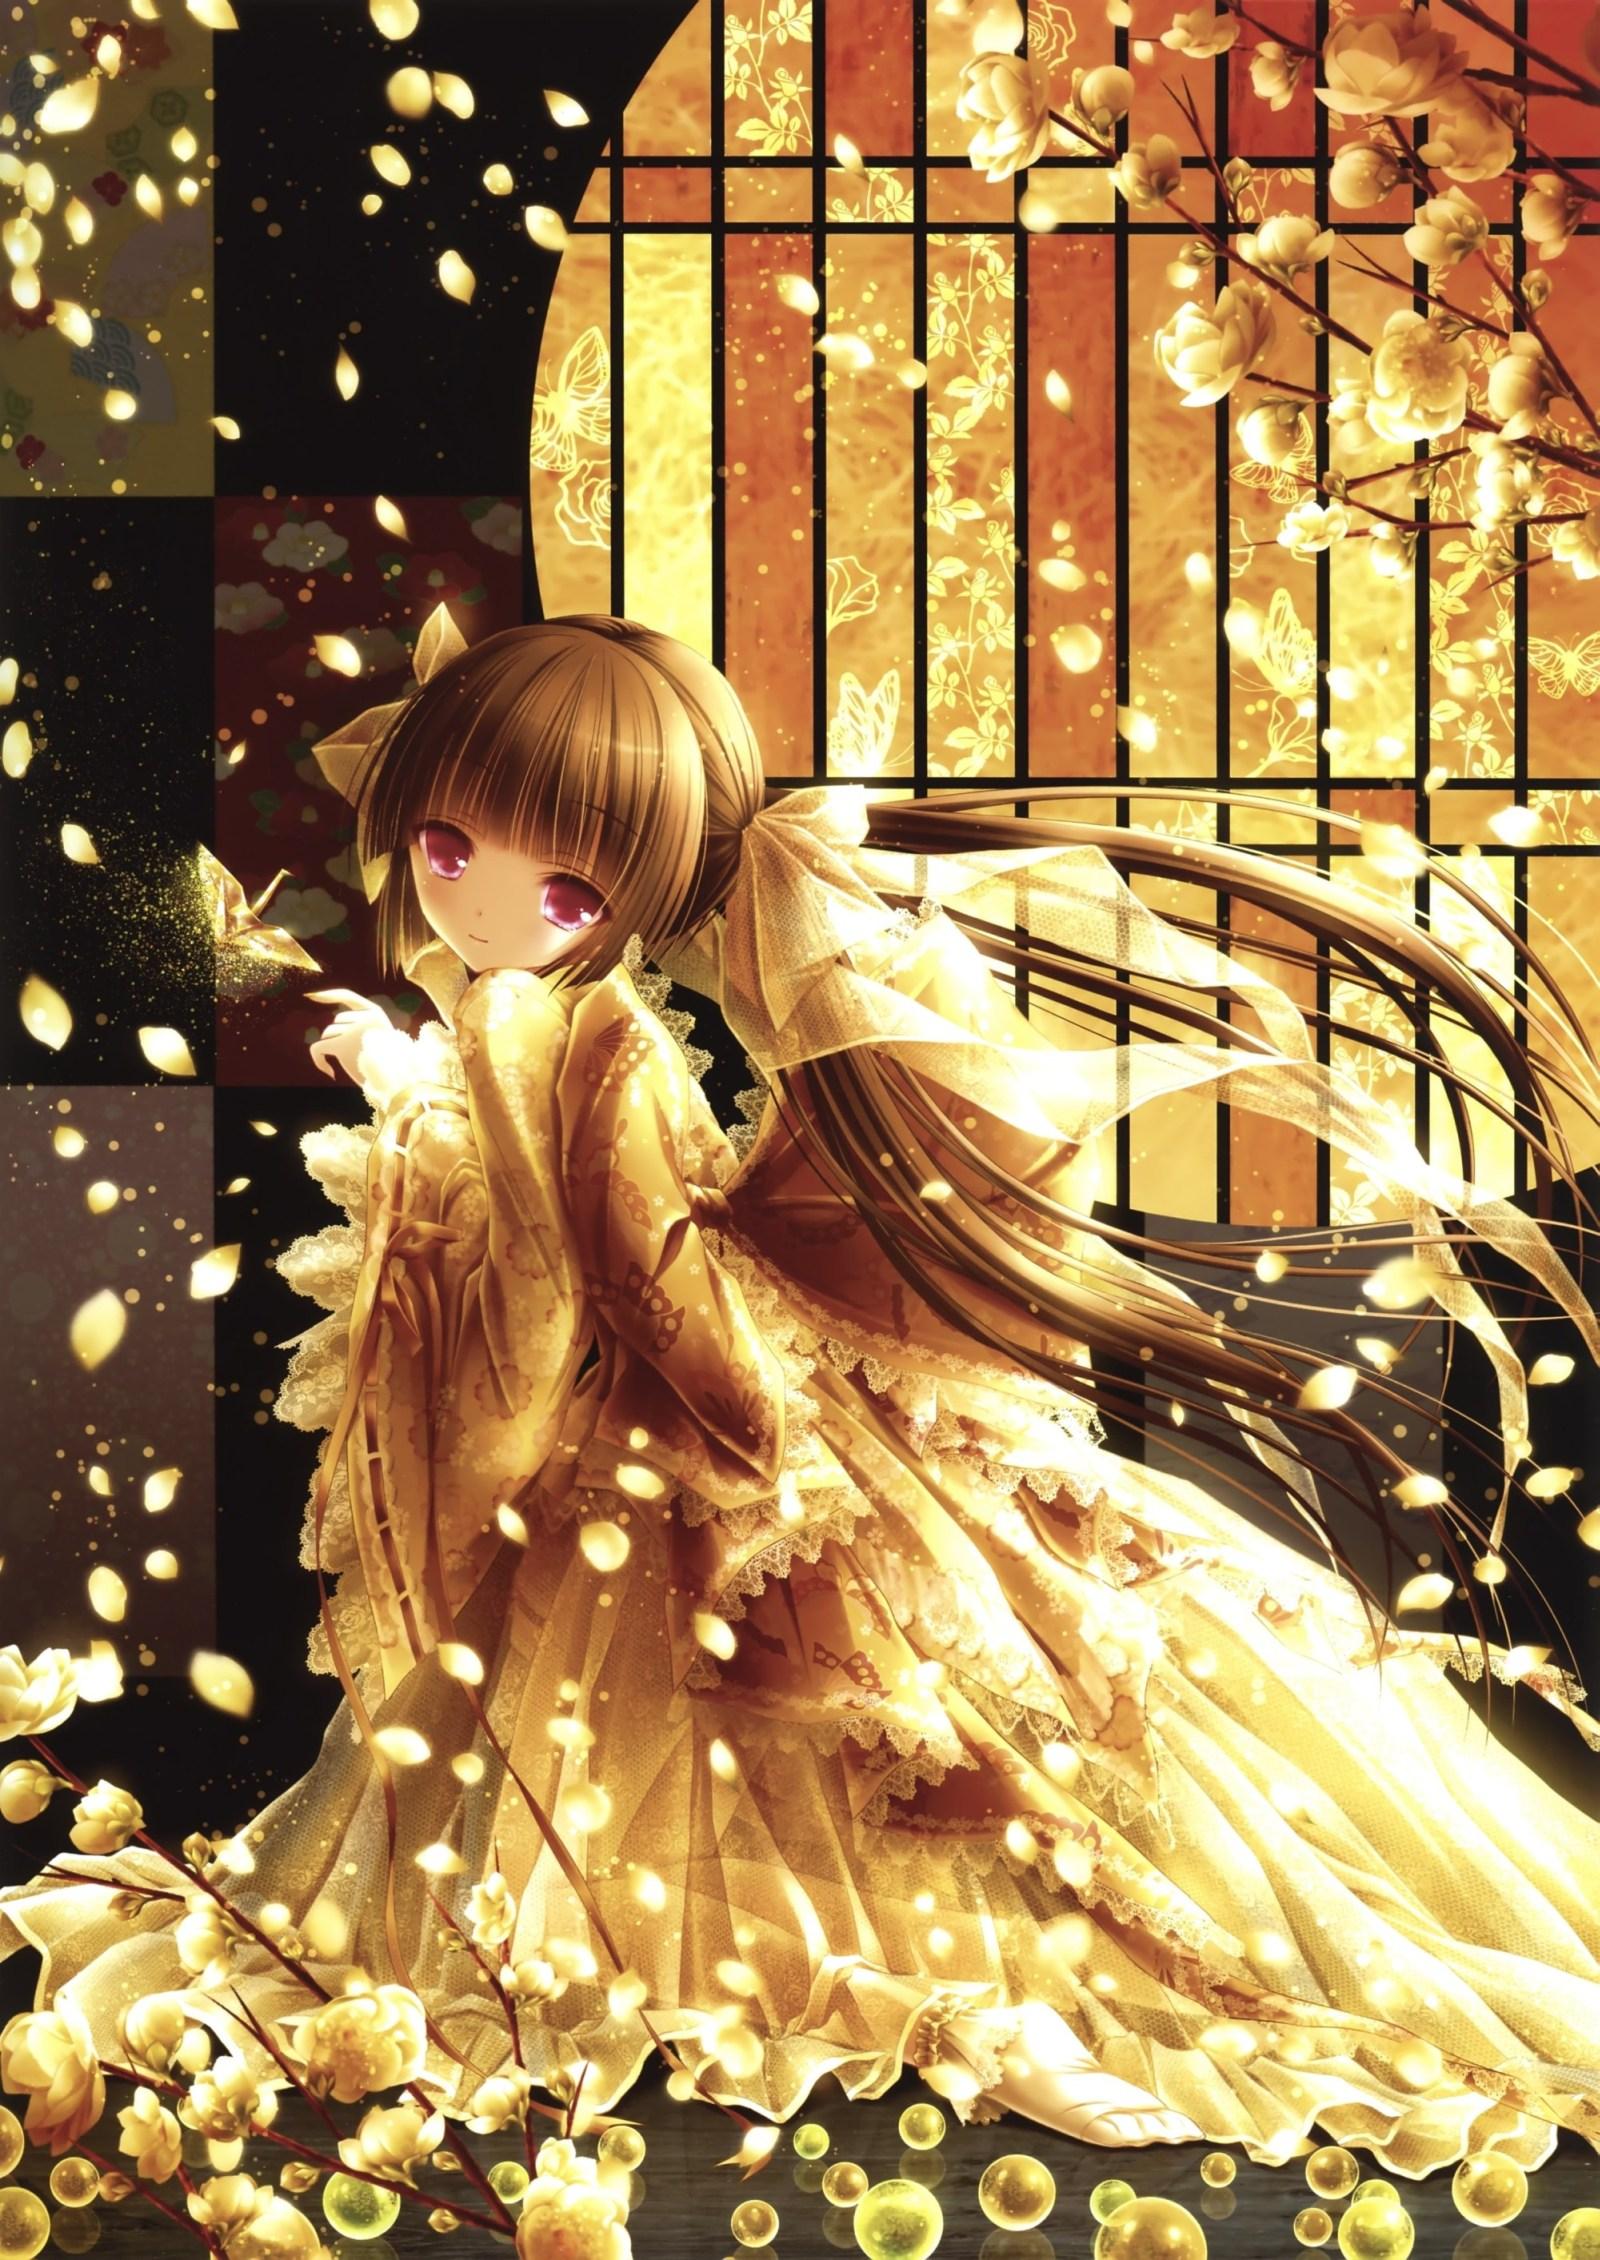 аниме девушка в платье tinker_bell